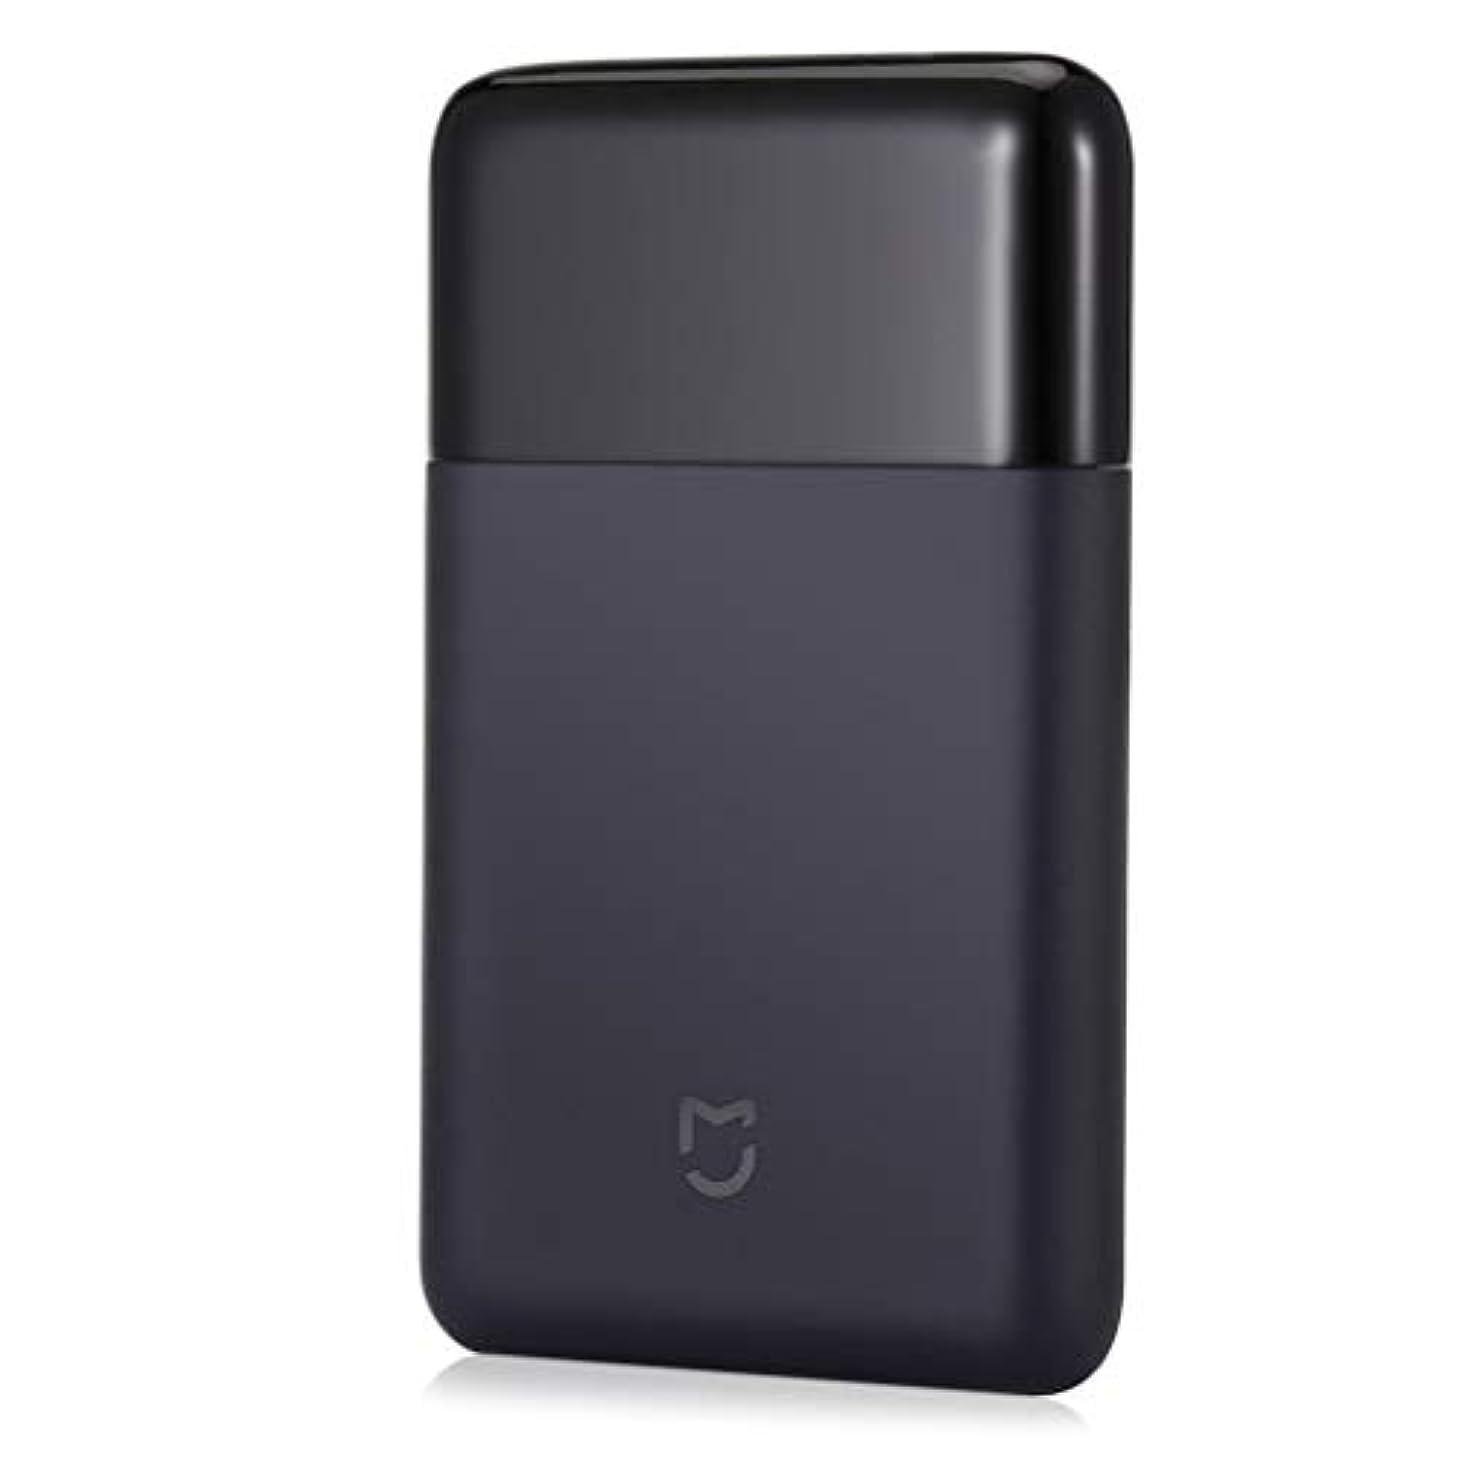 直面するまともな孤独のための取り外し可能なカミソリカッターを旅行充電式ポータブル電気シェーバーカミソリスチールメンズアウトドア